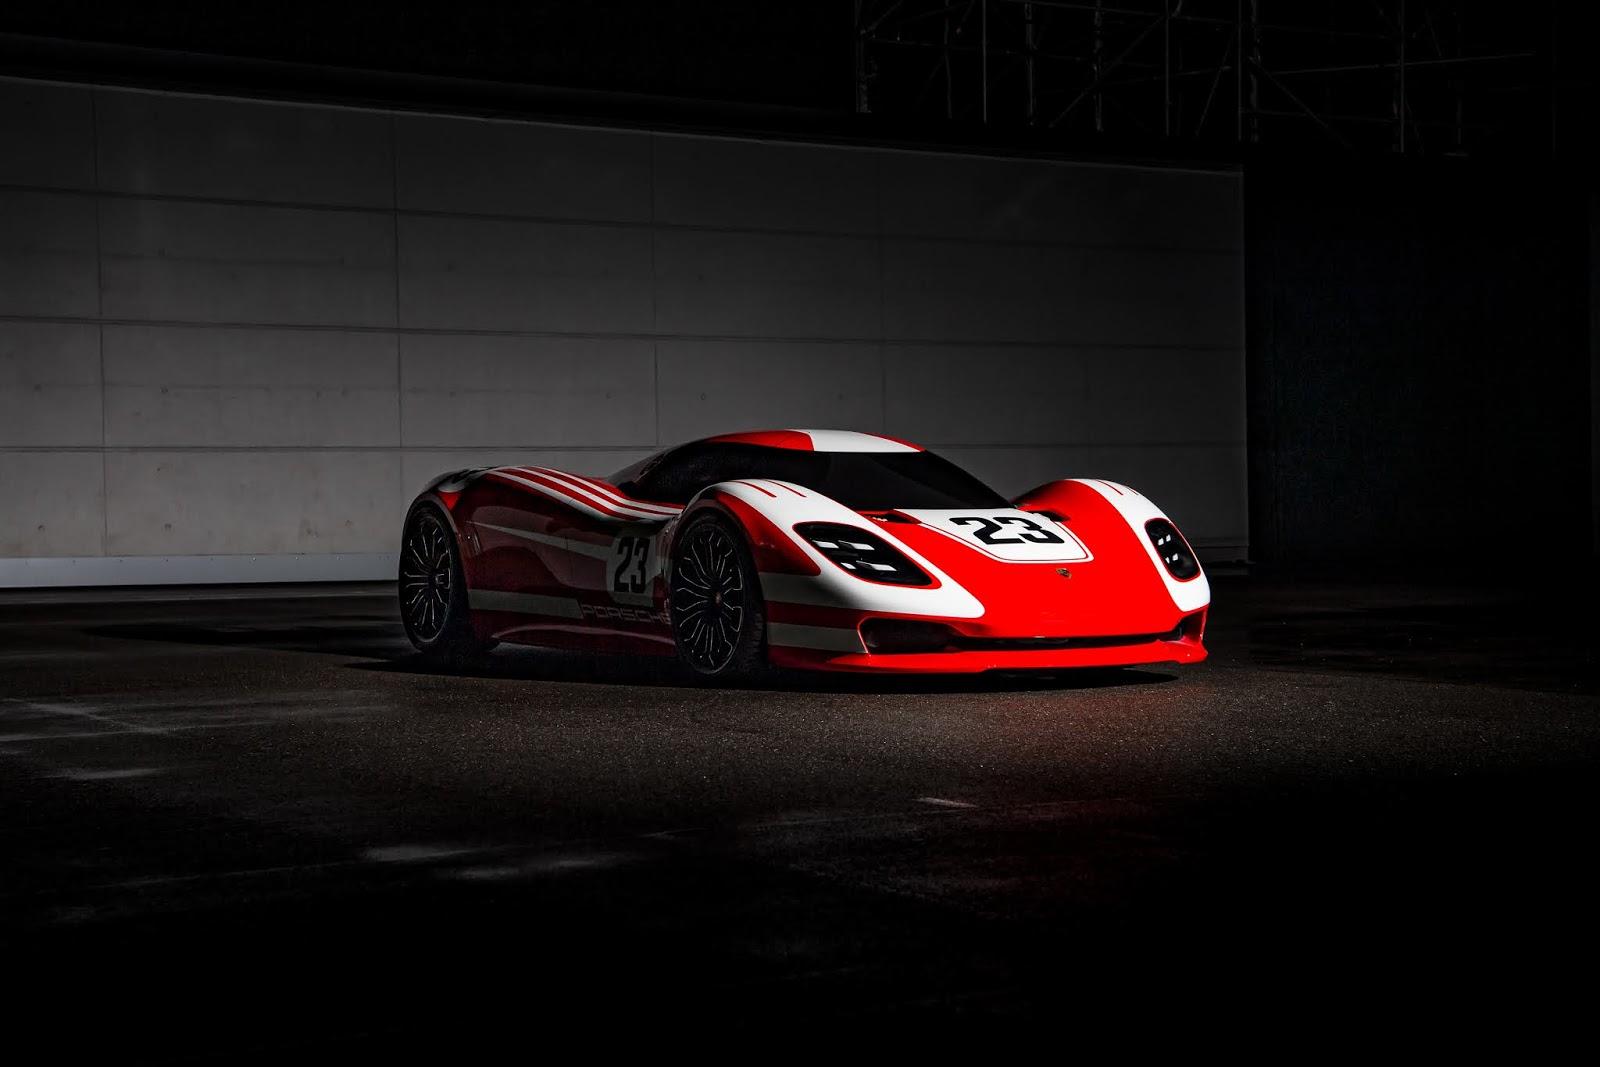 POR2206 1 Τα άγνωστα Hypercars της Porsche hypercar, Porsche, Porsche Unseen, Sunday, supercar, supercars, zblog, ειδήσεις